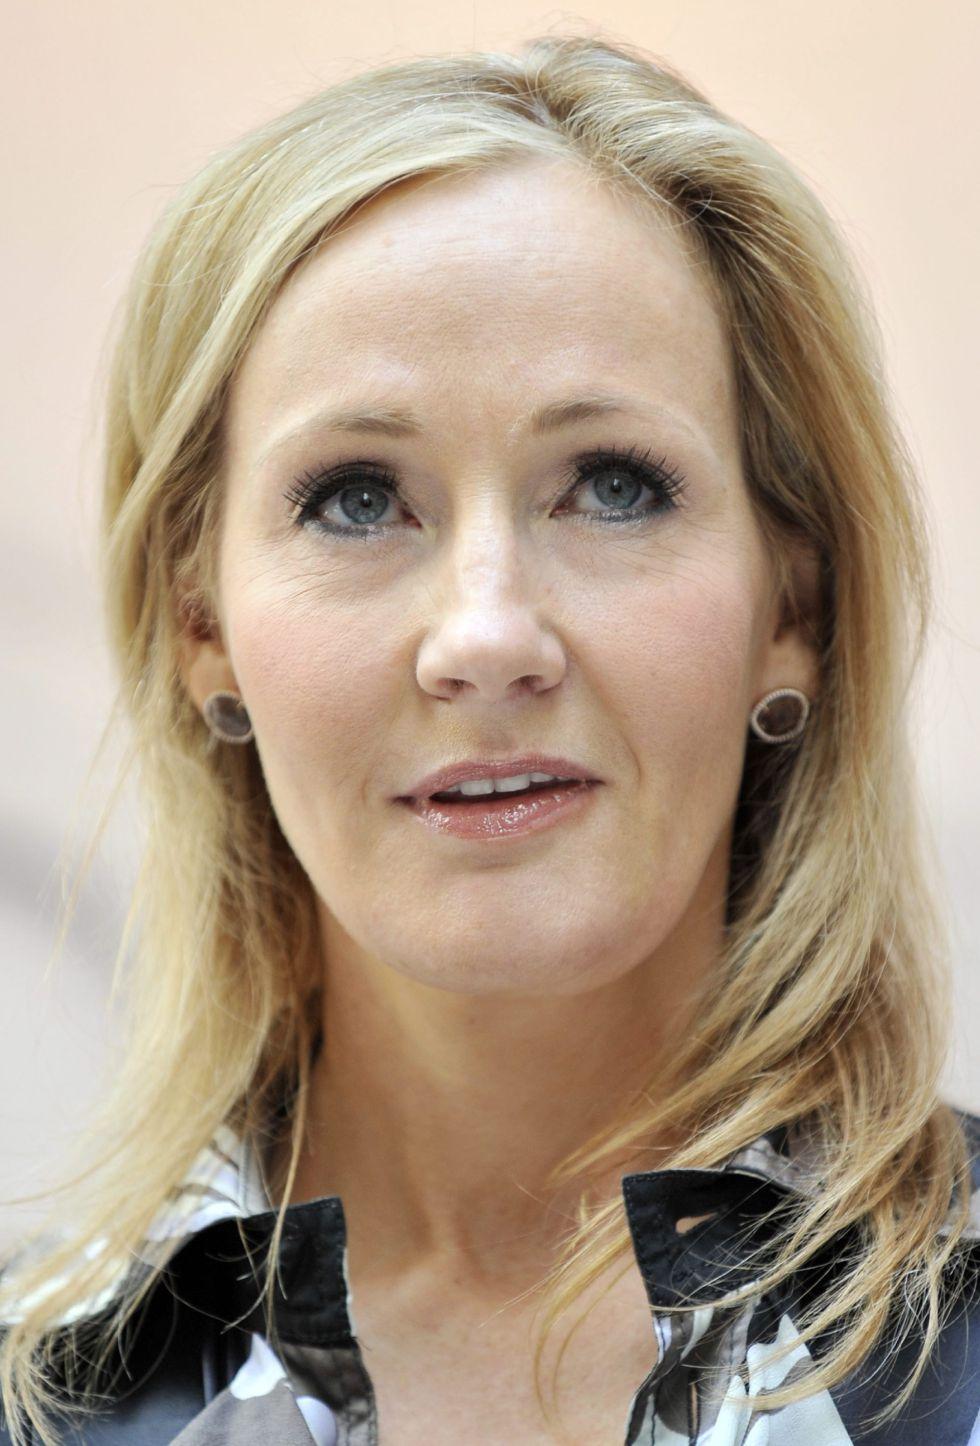 La Primera Novela Para Adultos De J K Rowling Llegara A Espana Con